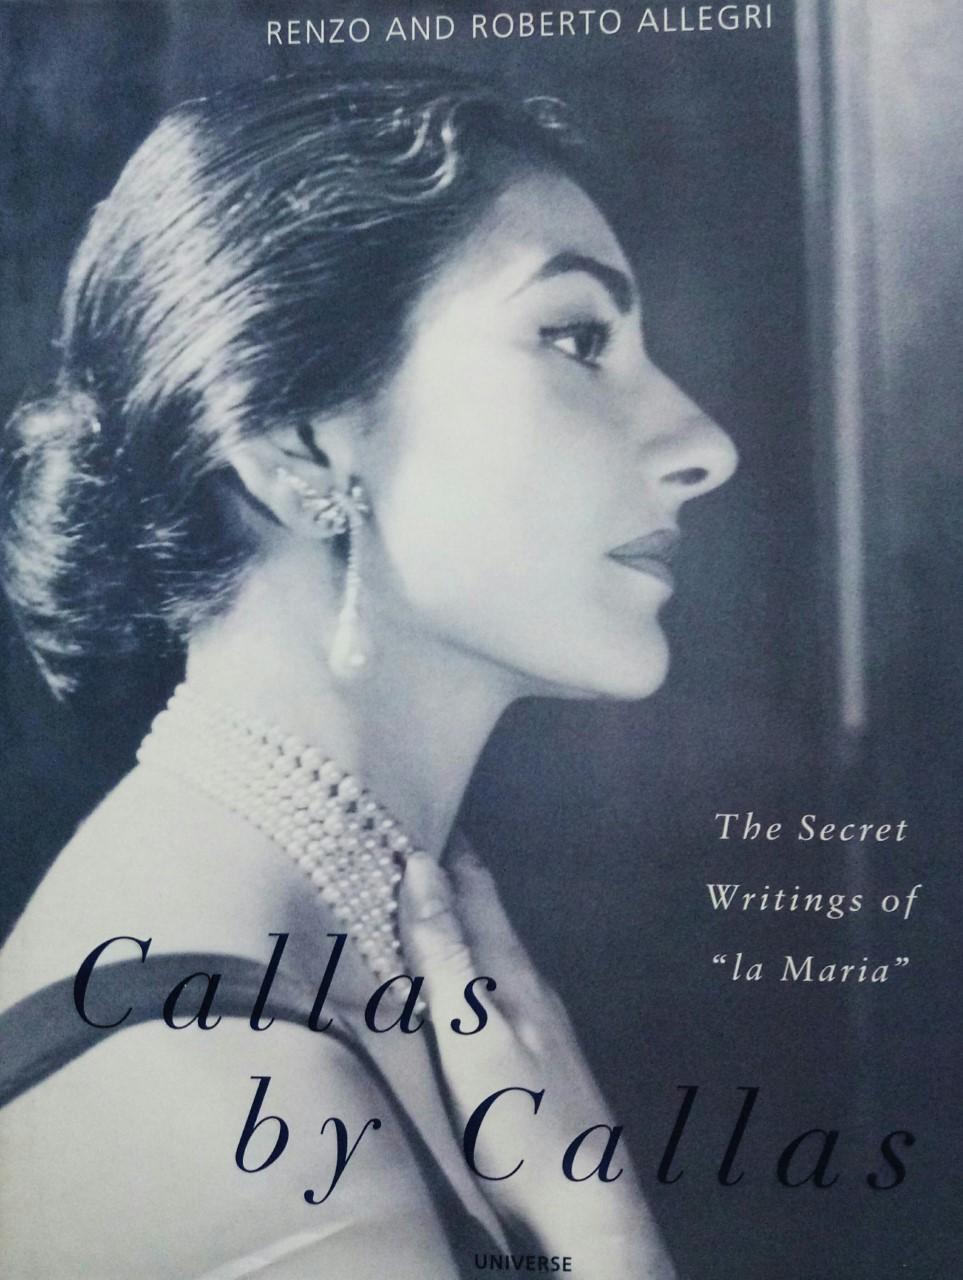 Callas by Callas Thumbn11